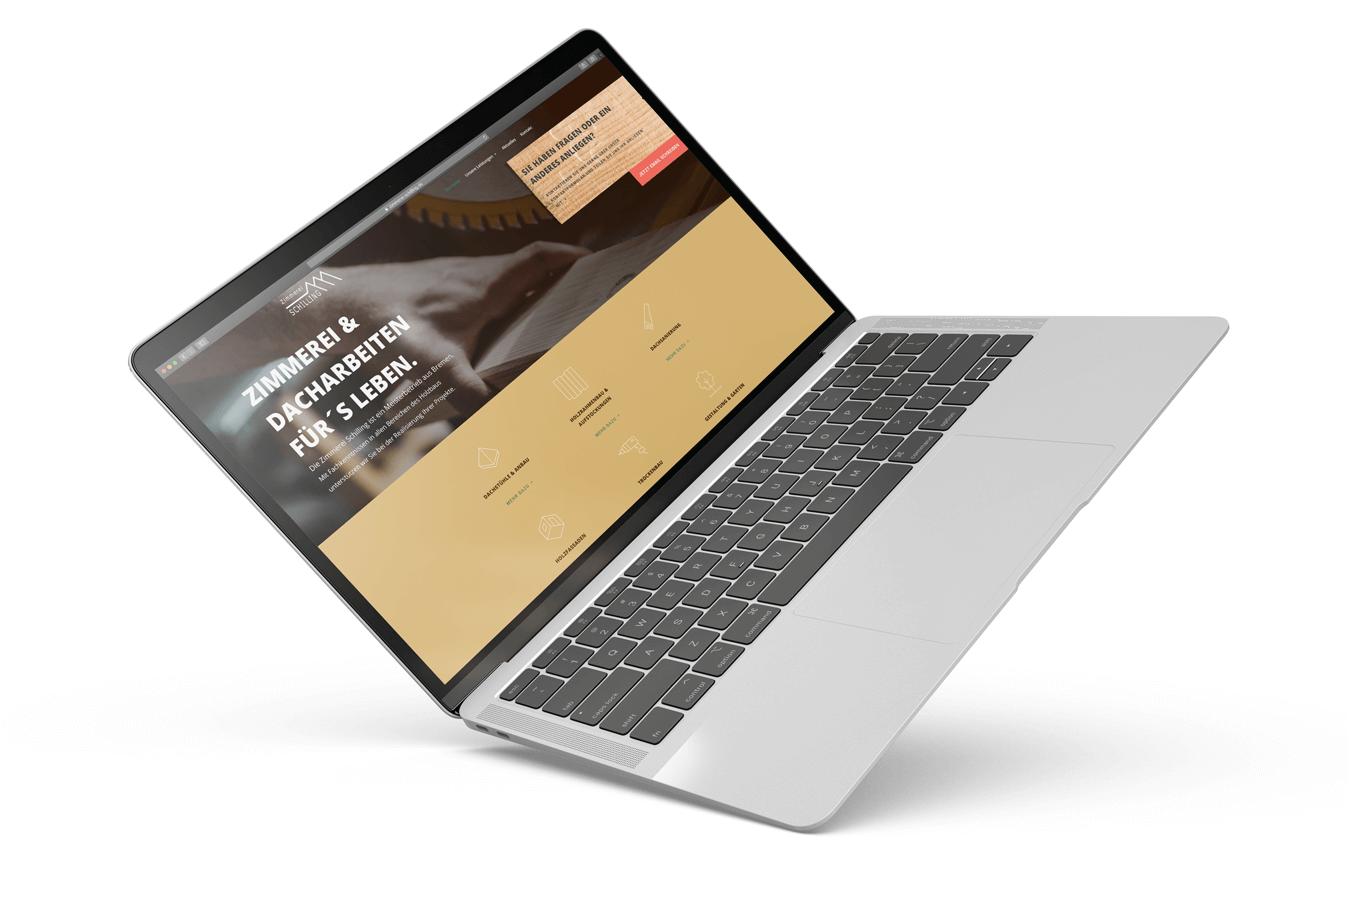 Macbook zeigt Website zimmerei-schilling.com